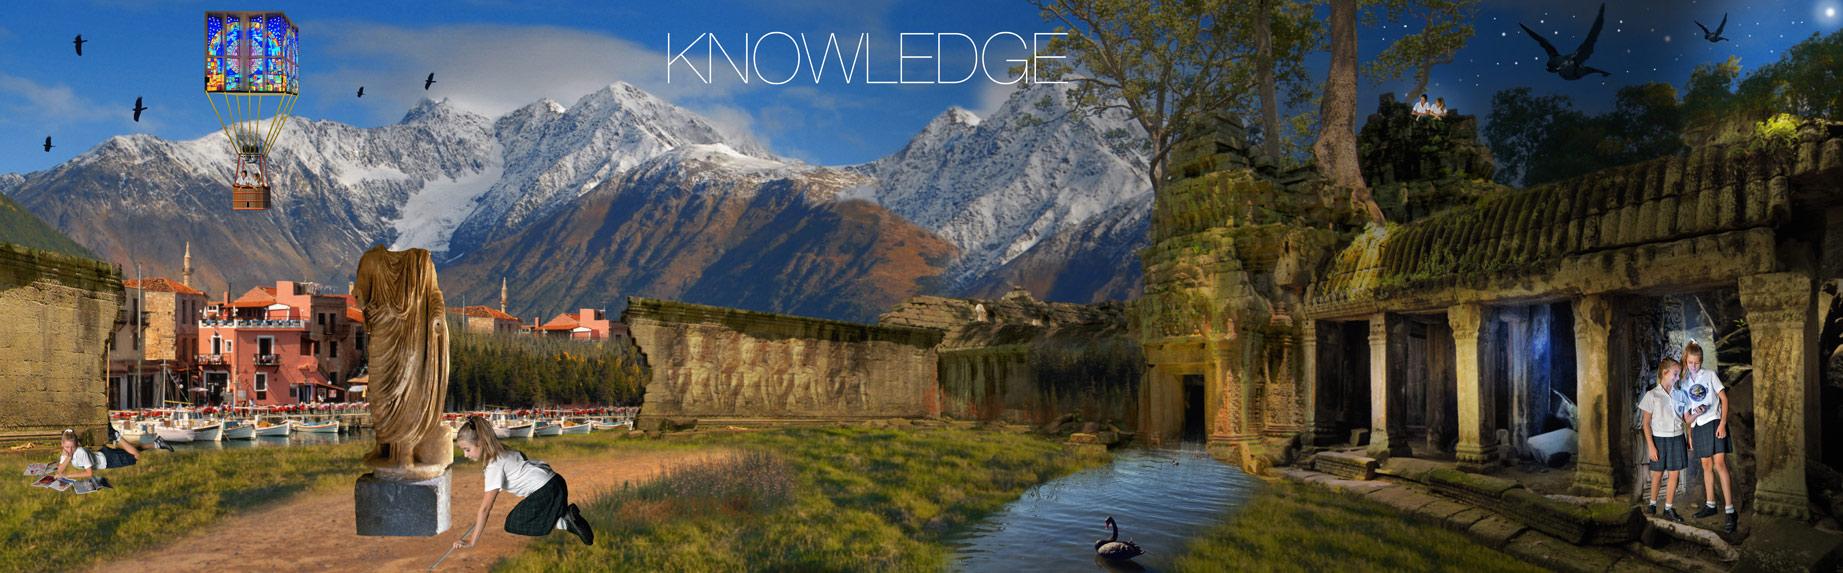 knowledge_sized.jpg